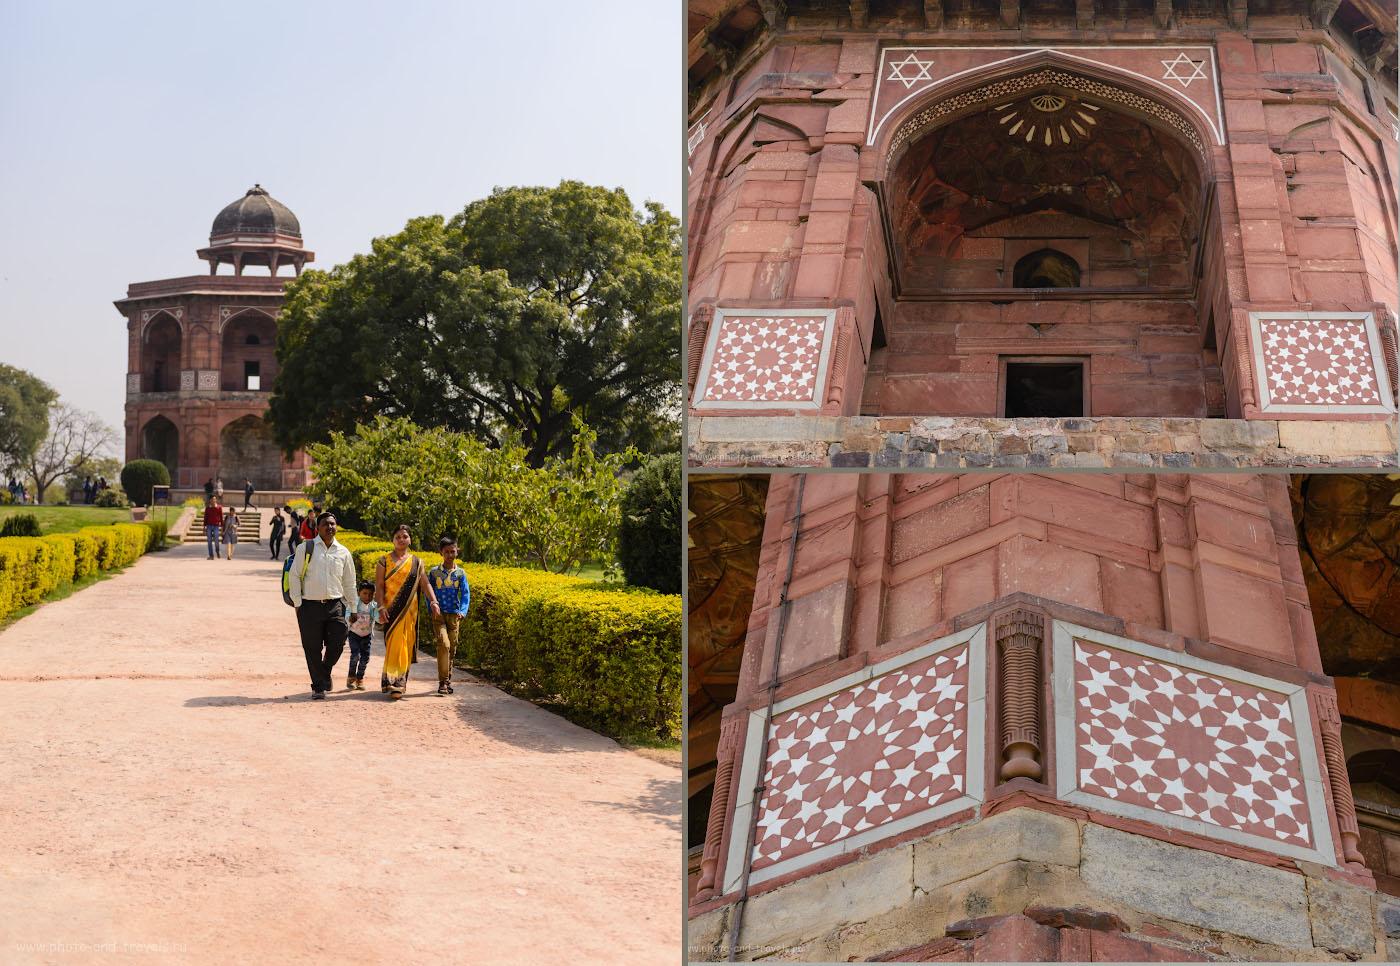 Фото 12. Обсерватория Шер-мандал (Sher Mandal) построена по приказу Бабура. Отзывы о поездке в Индию дикарями.